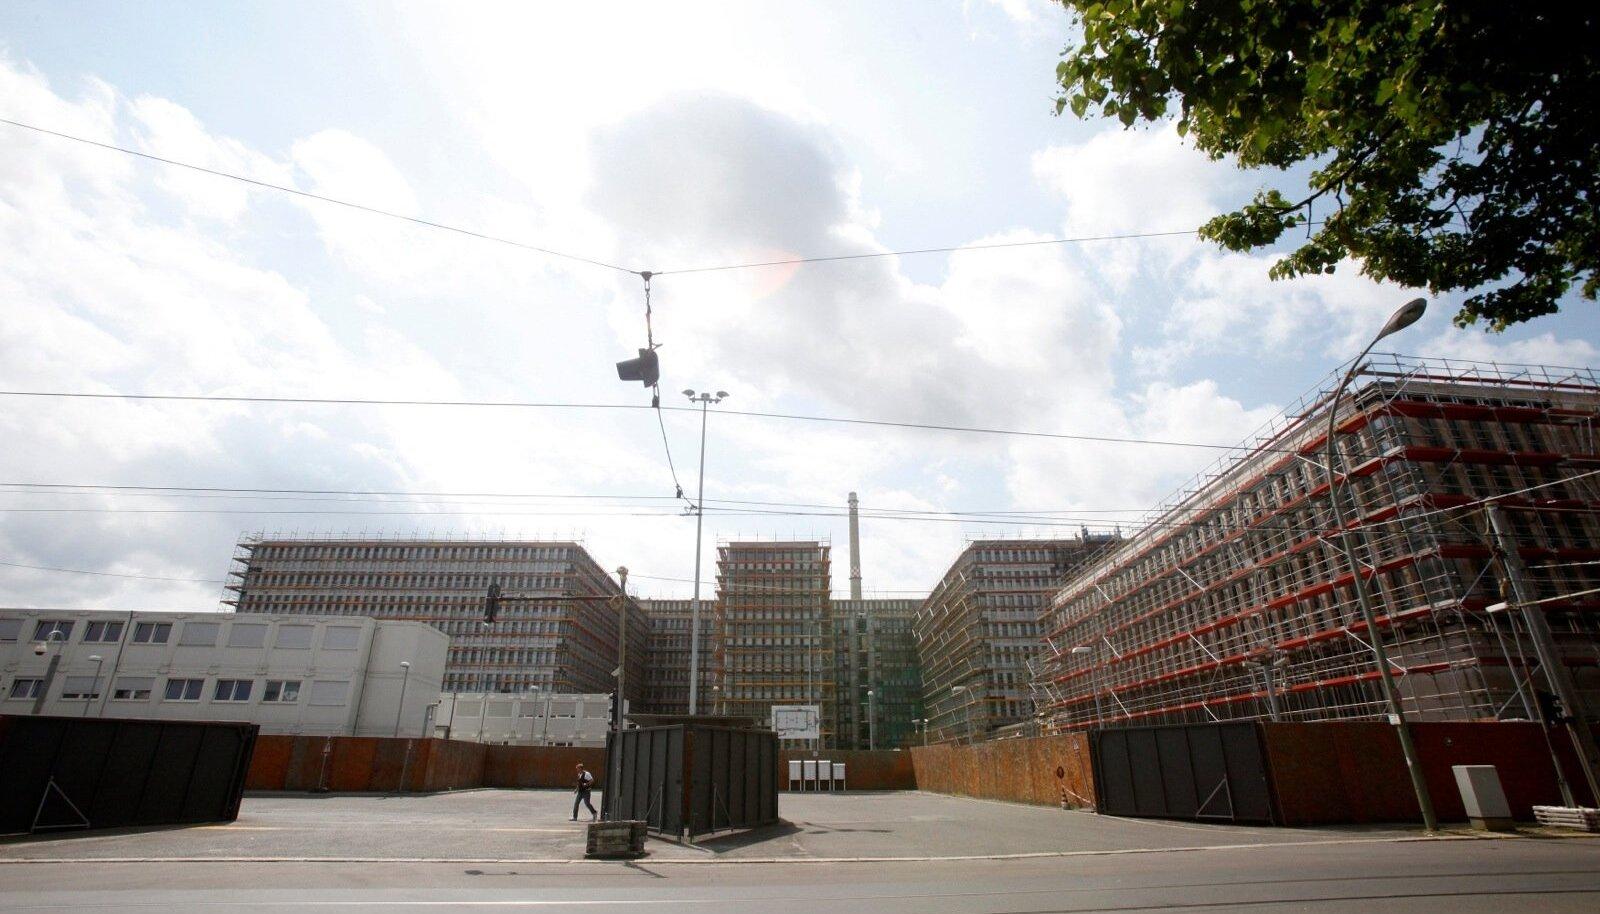 BND ehitusjärgus peakorter 2011. aastal